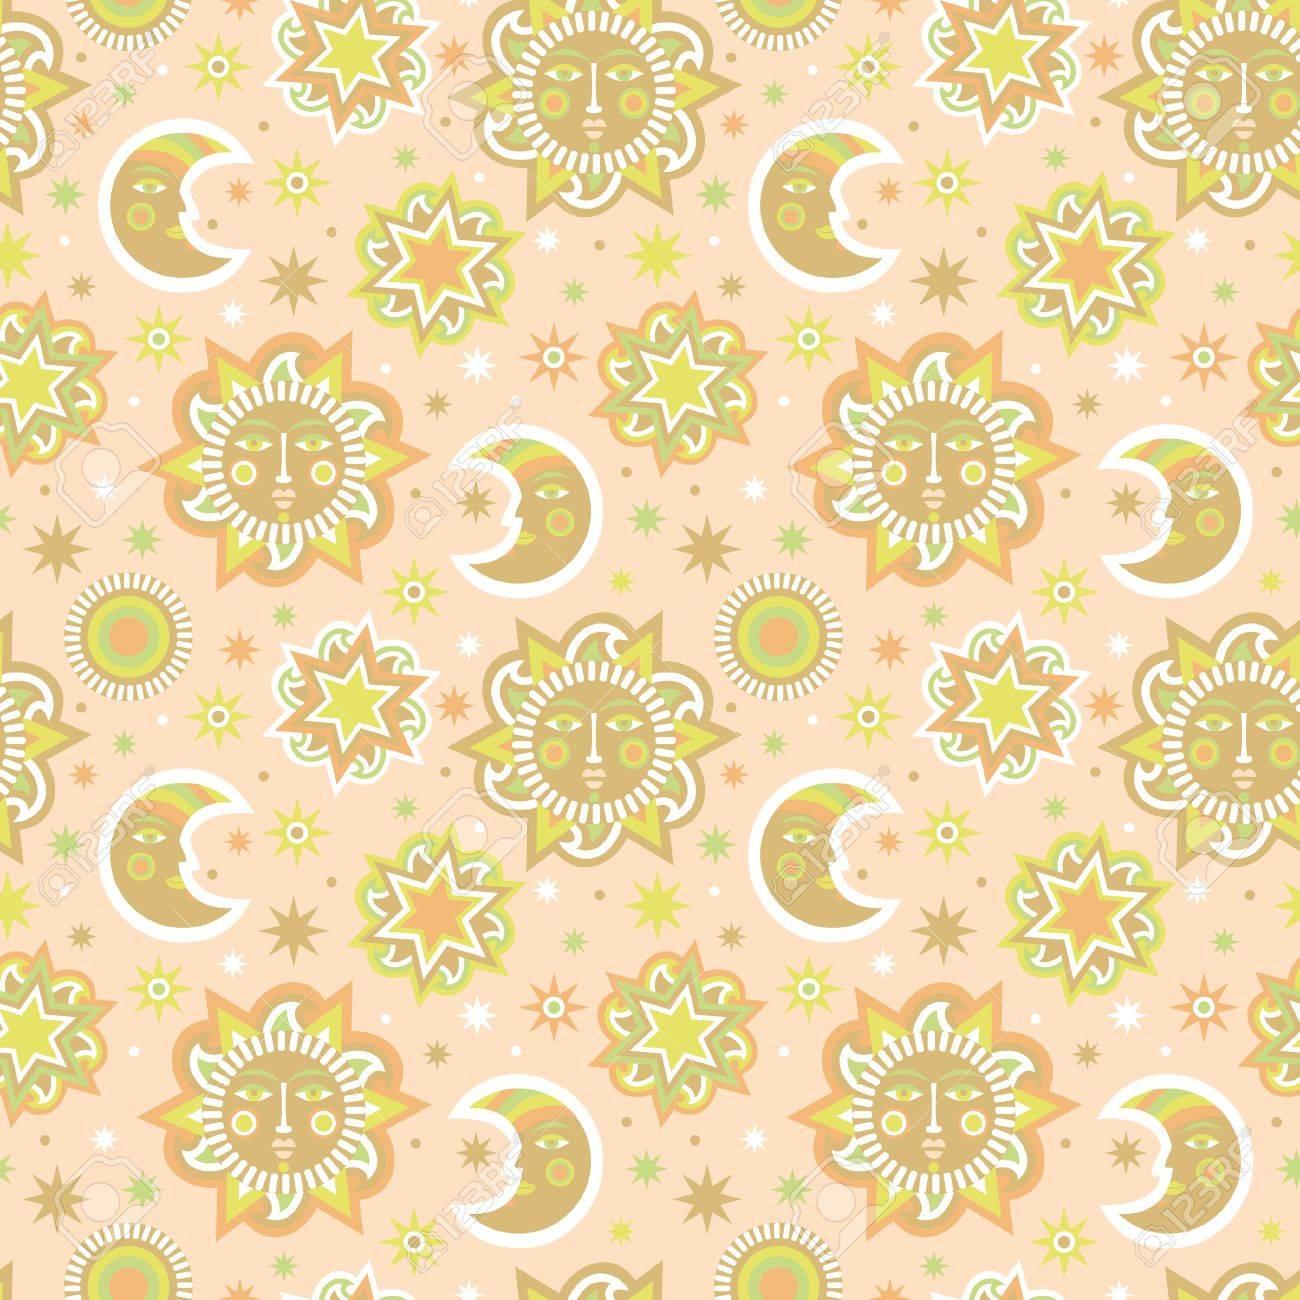 Full Size of Tapete Fototapete Wohnzimmer Regal Weiß Küche Tapeten Schlafzimmer Für Fototapeten Fenster Sofa Regale Die Wohnzimmer Kinderzimmer Tapete